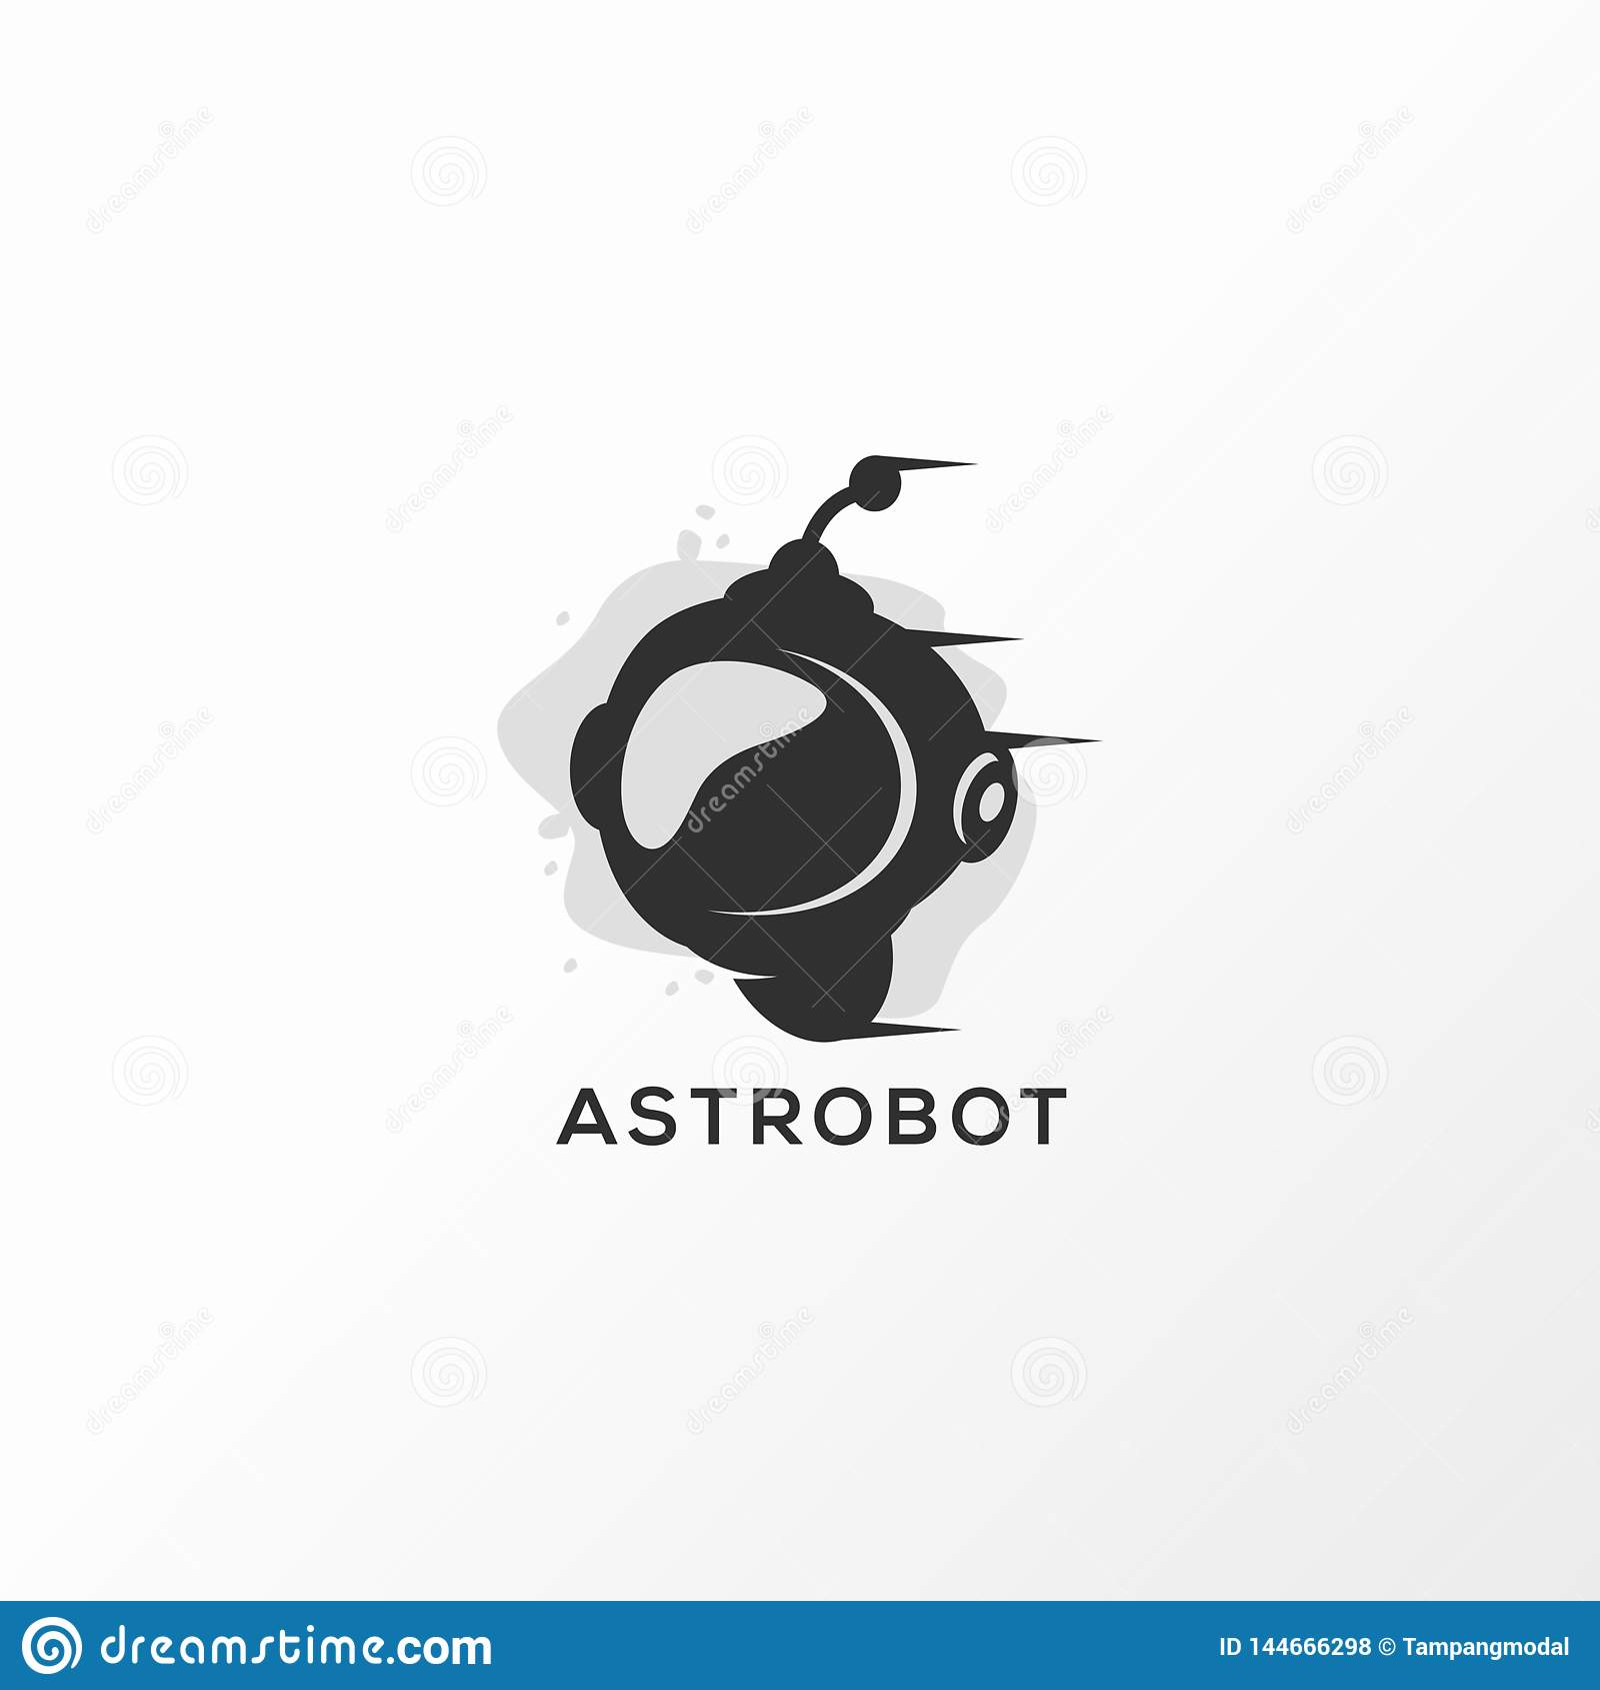 Ilustração do vetor do projeto do logotipo de Astrobot pronto para uso